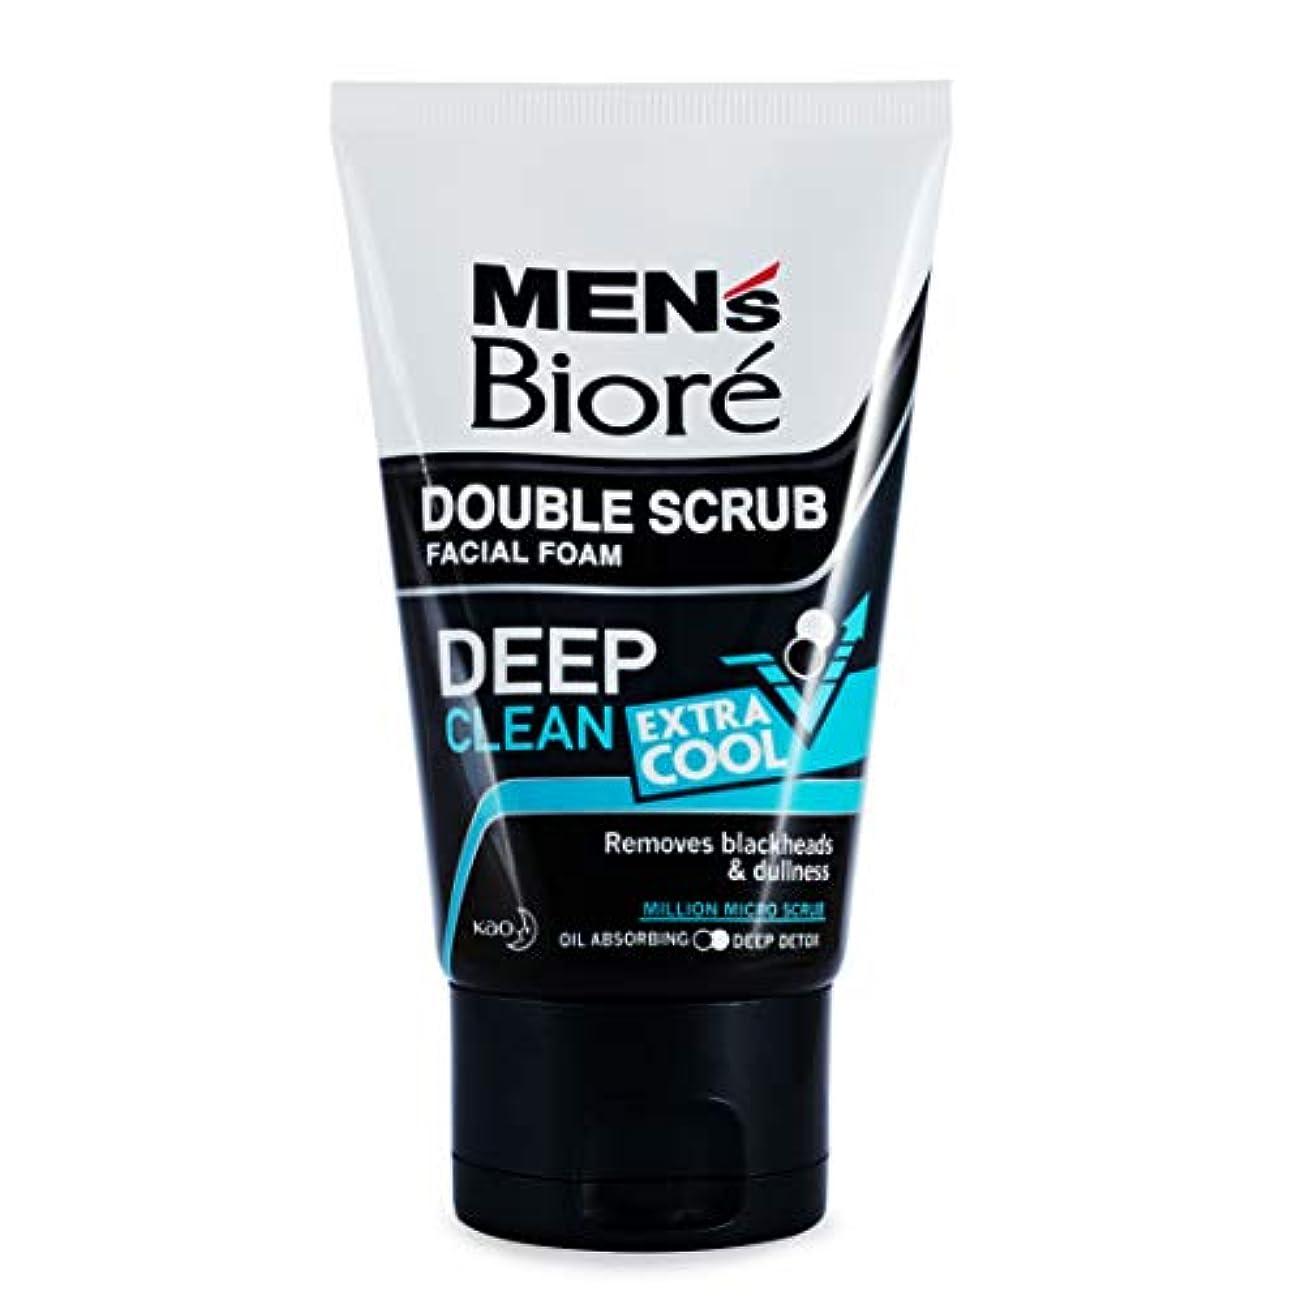 技術者現実的切断するBiore Men's ダブルスクラブ余分なクールな顔泡100グラム、なめらかな明るい&健康な皮膚。 - 非常にクール&さわやかな感覚。